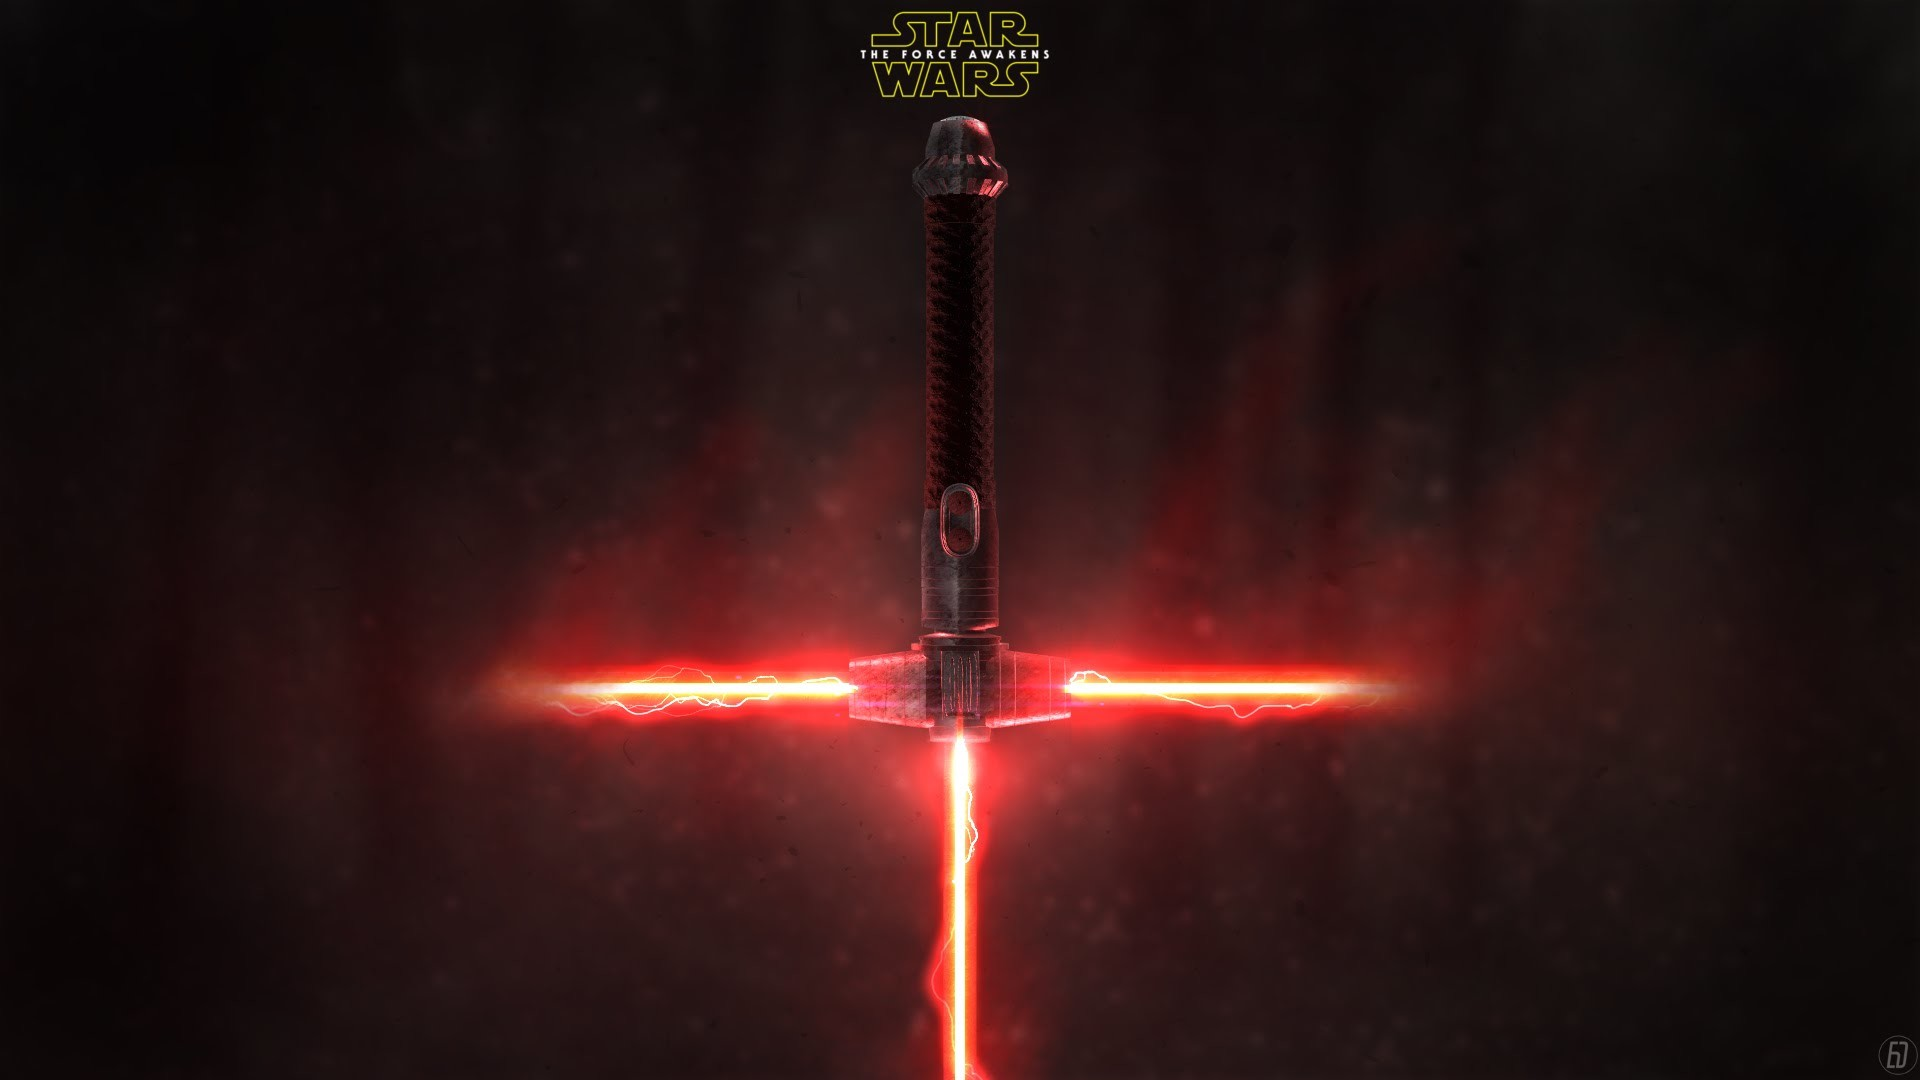 Darth Vader Vs Ben Kenobi Lightsaber Duel | Star Wars Wallpapers .